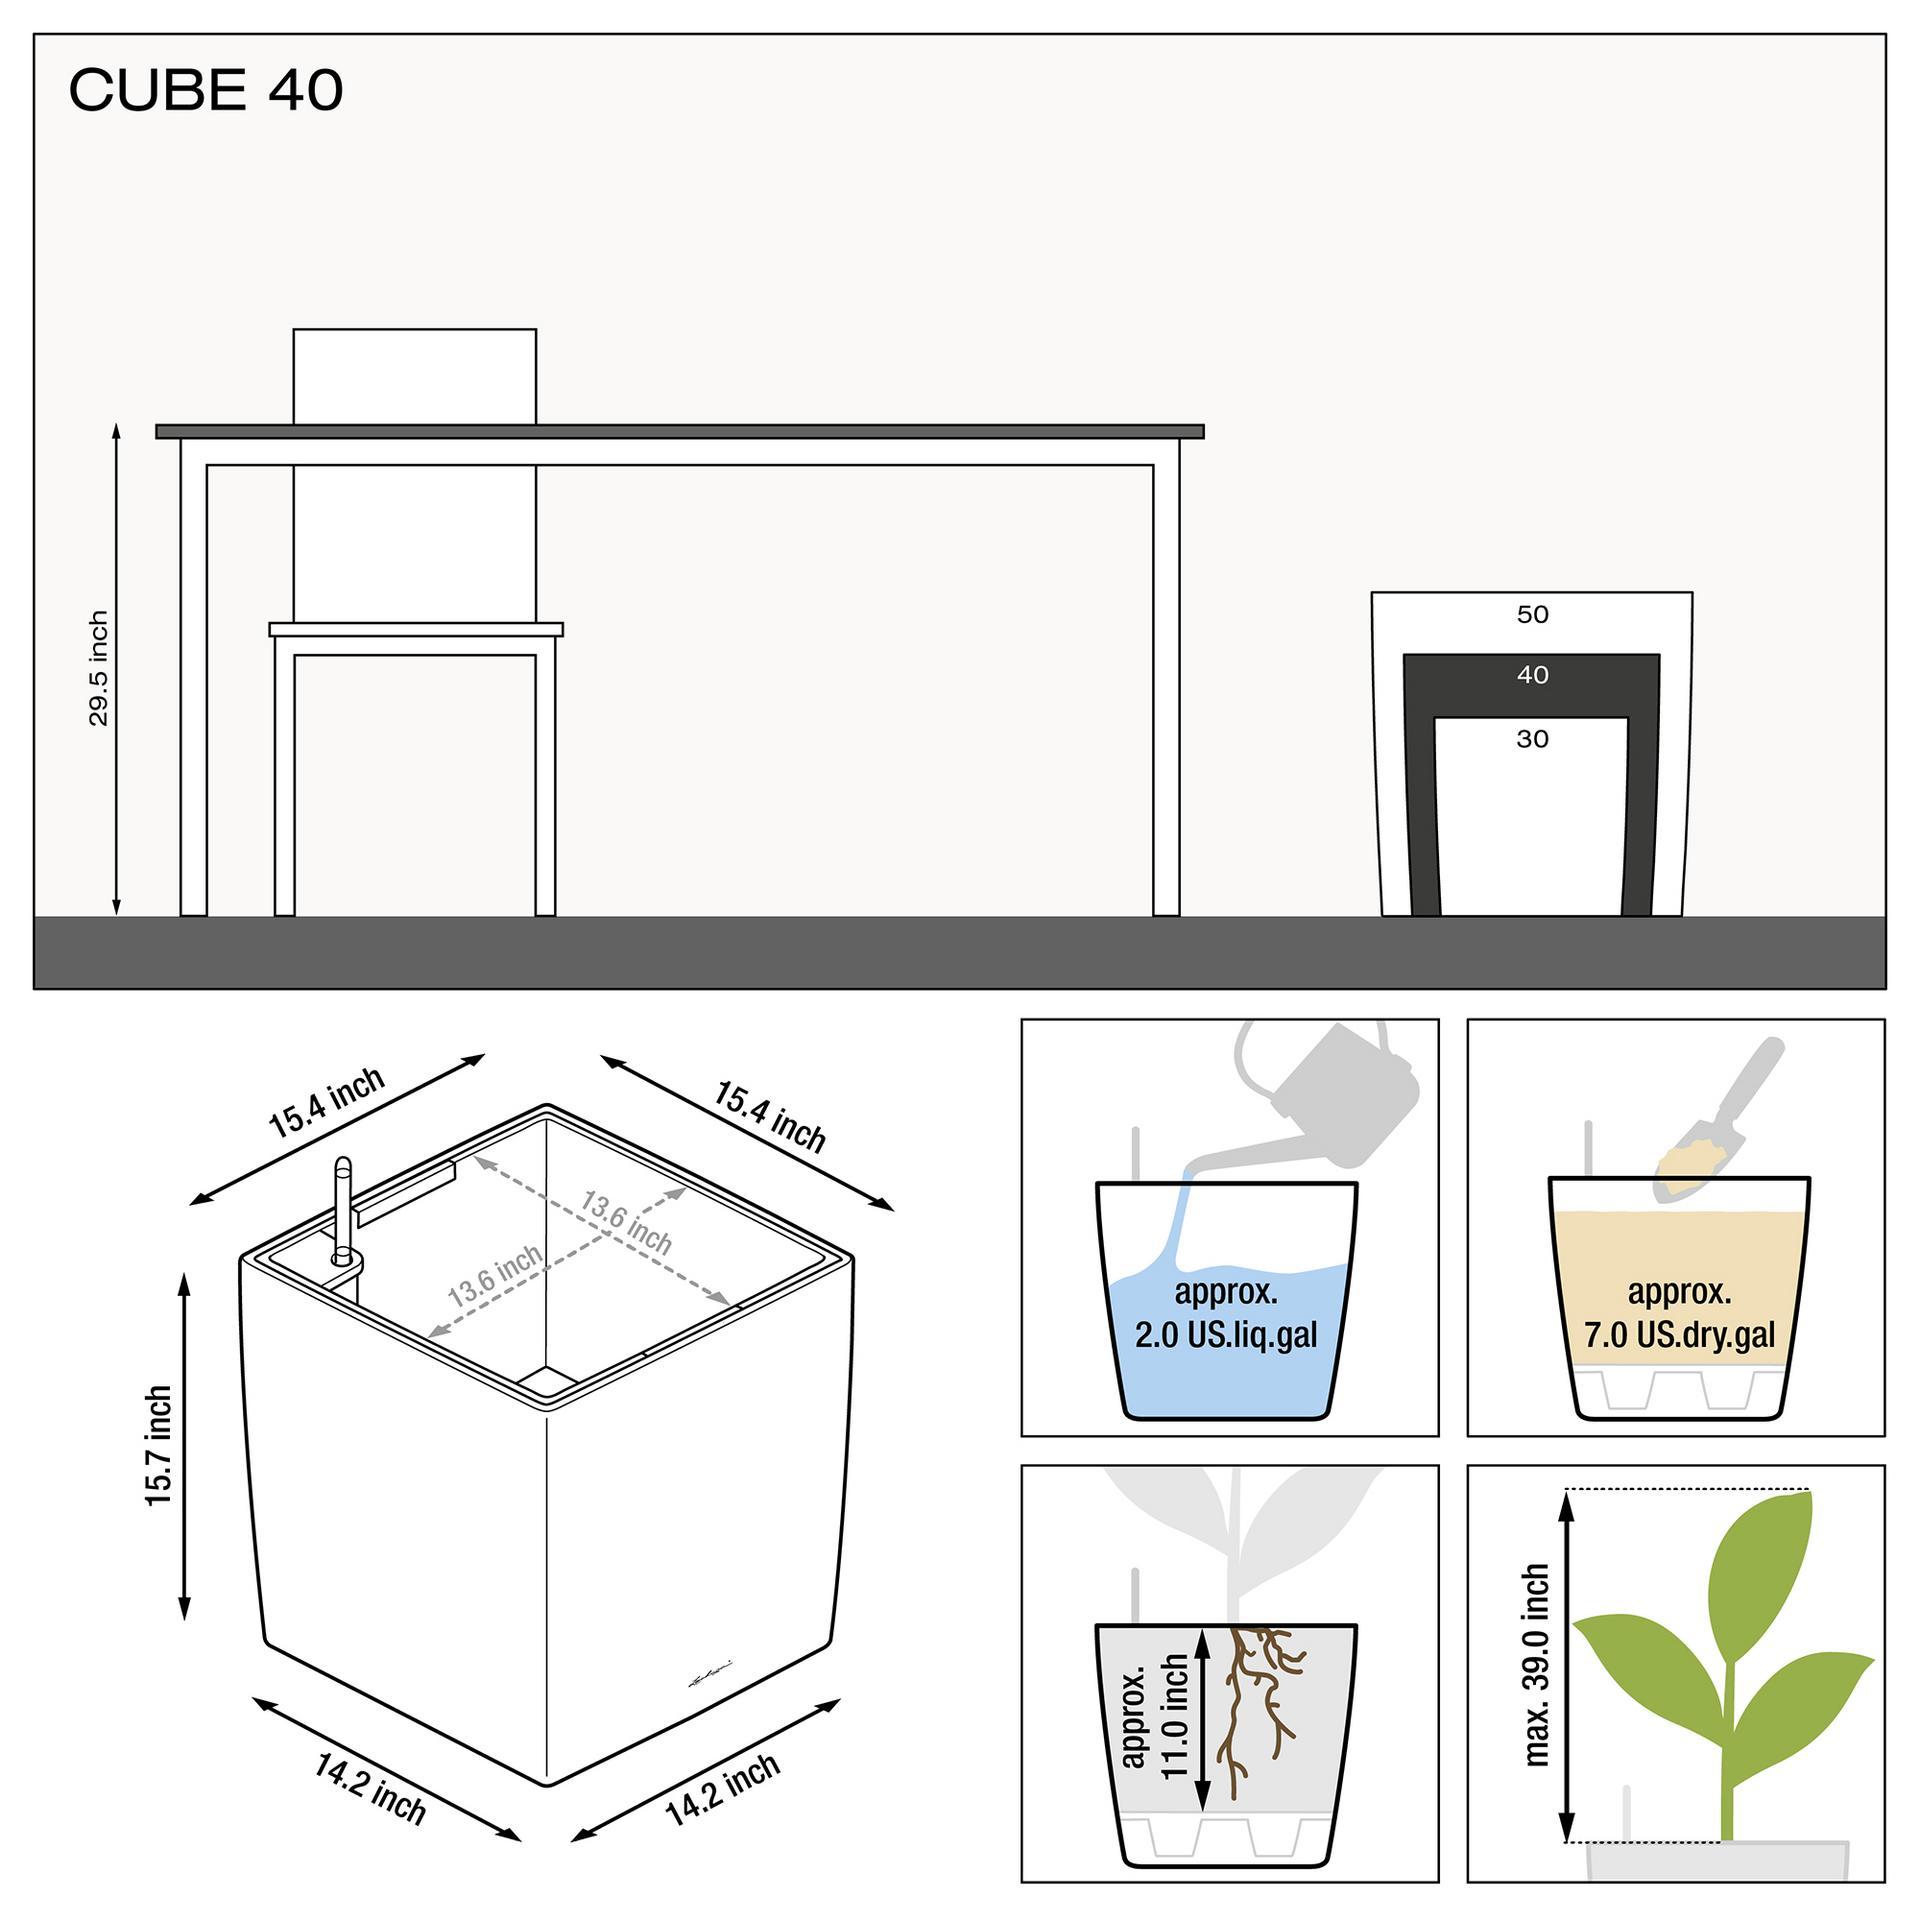 le_cube40_product_addi_nz_us